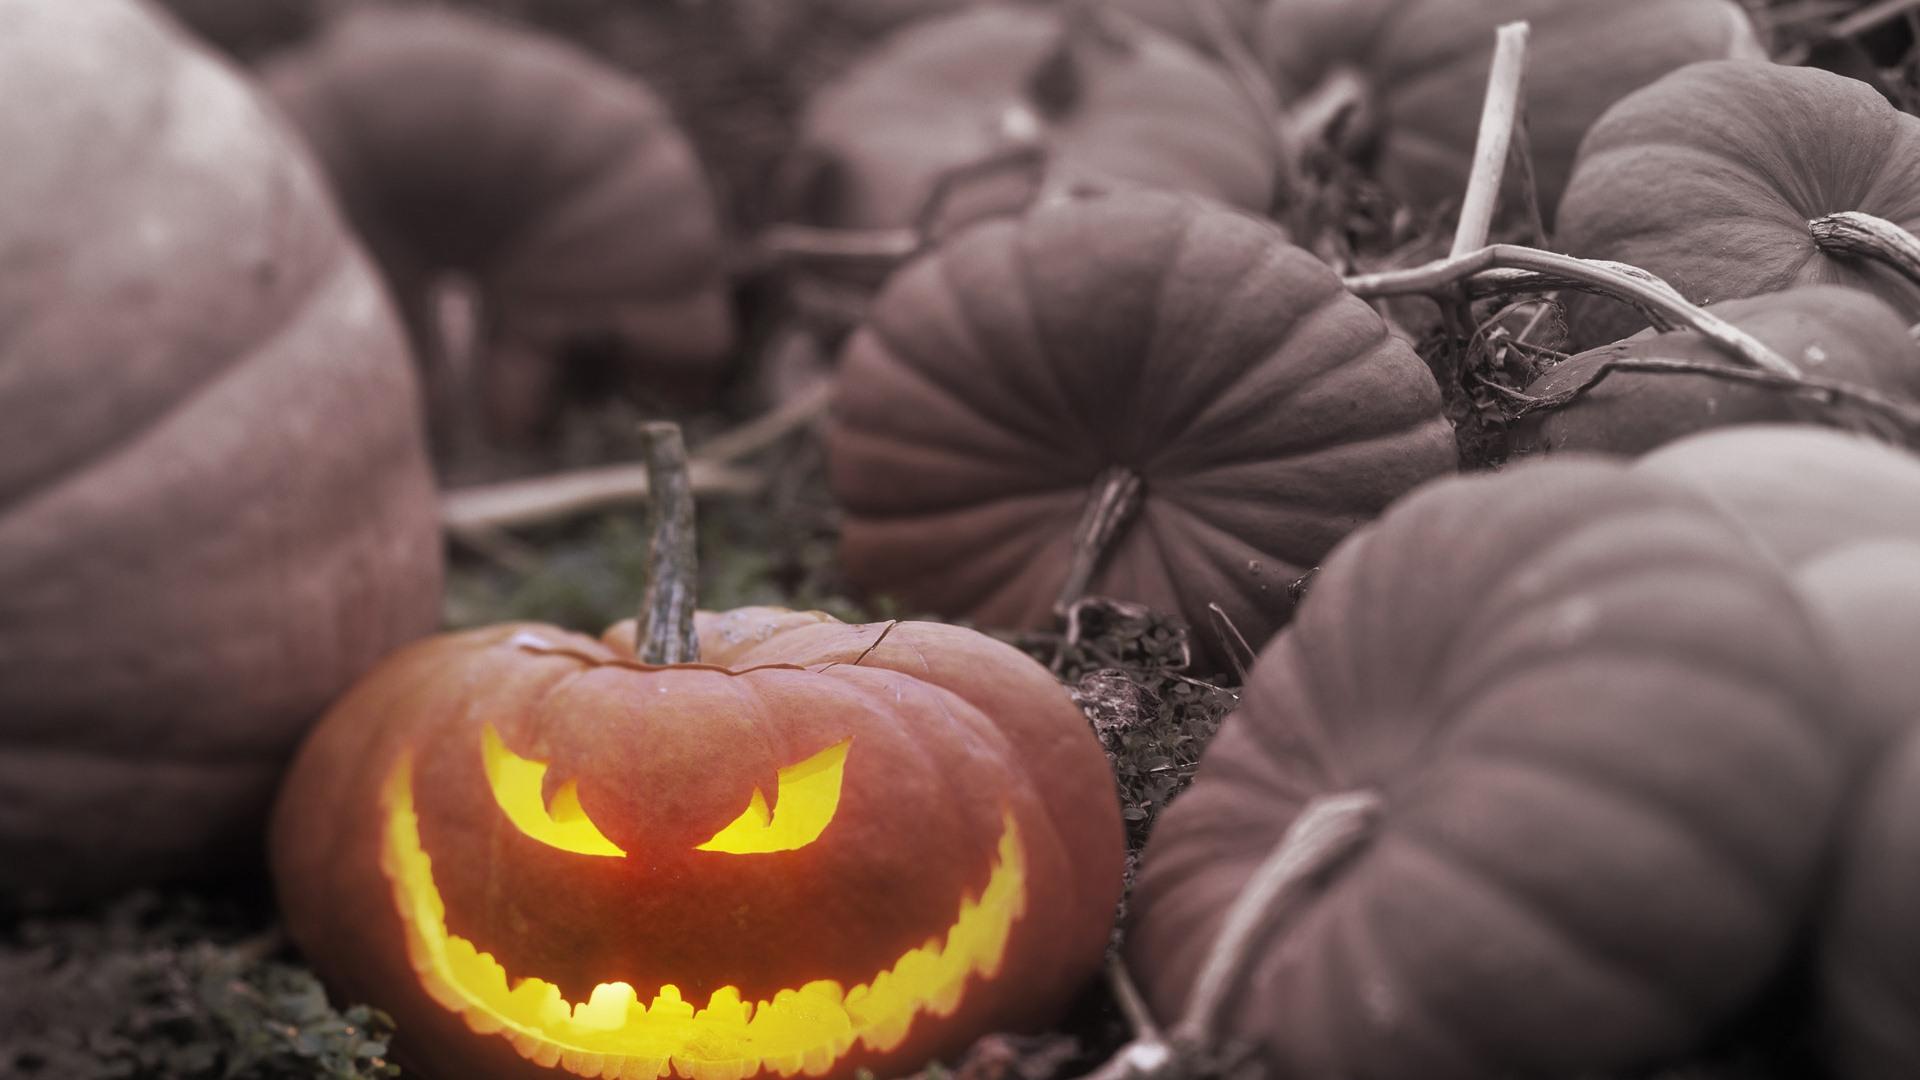 Хэллоуин  Скачать обои на рабочий стол в один клик!